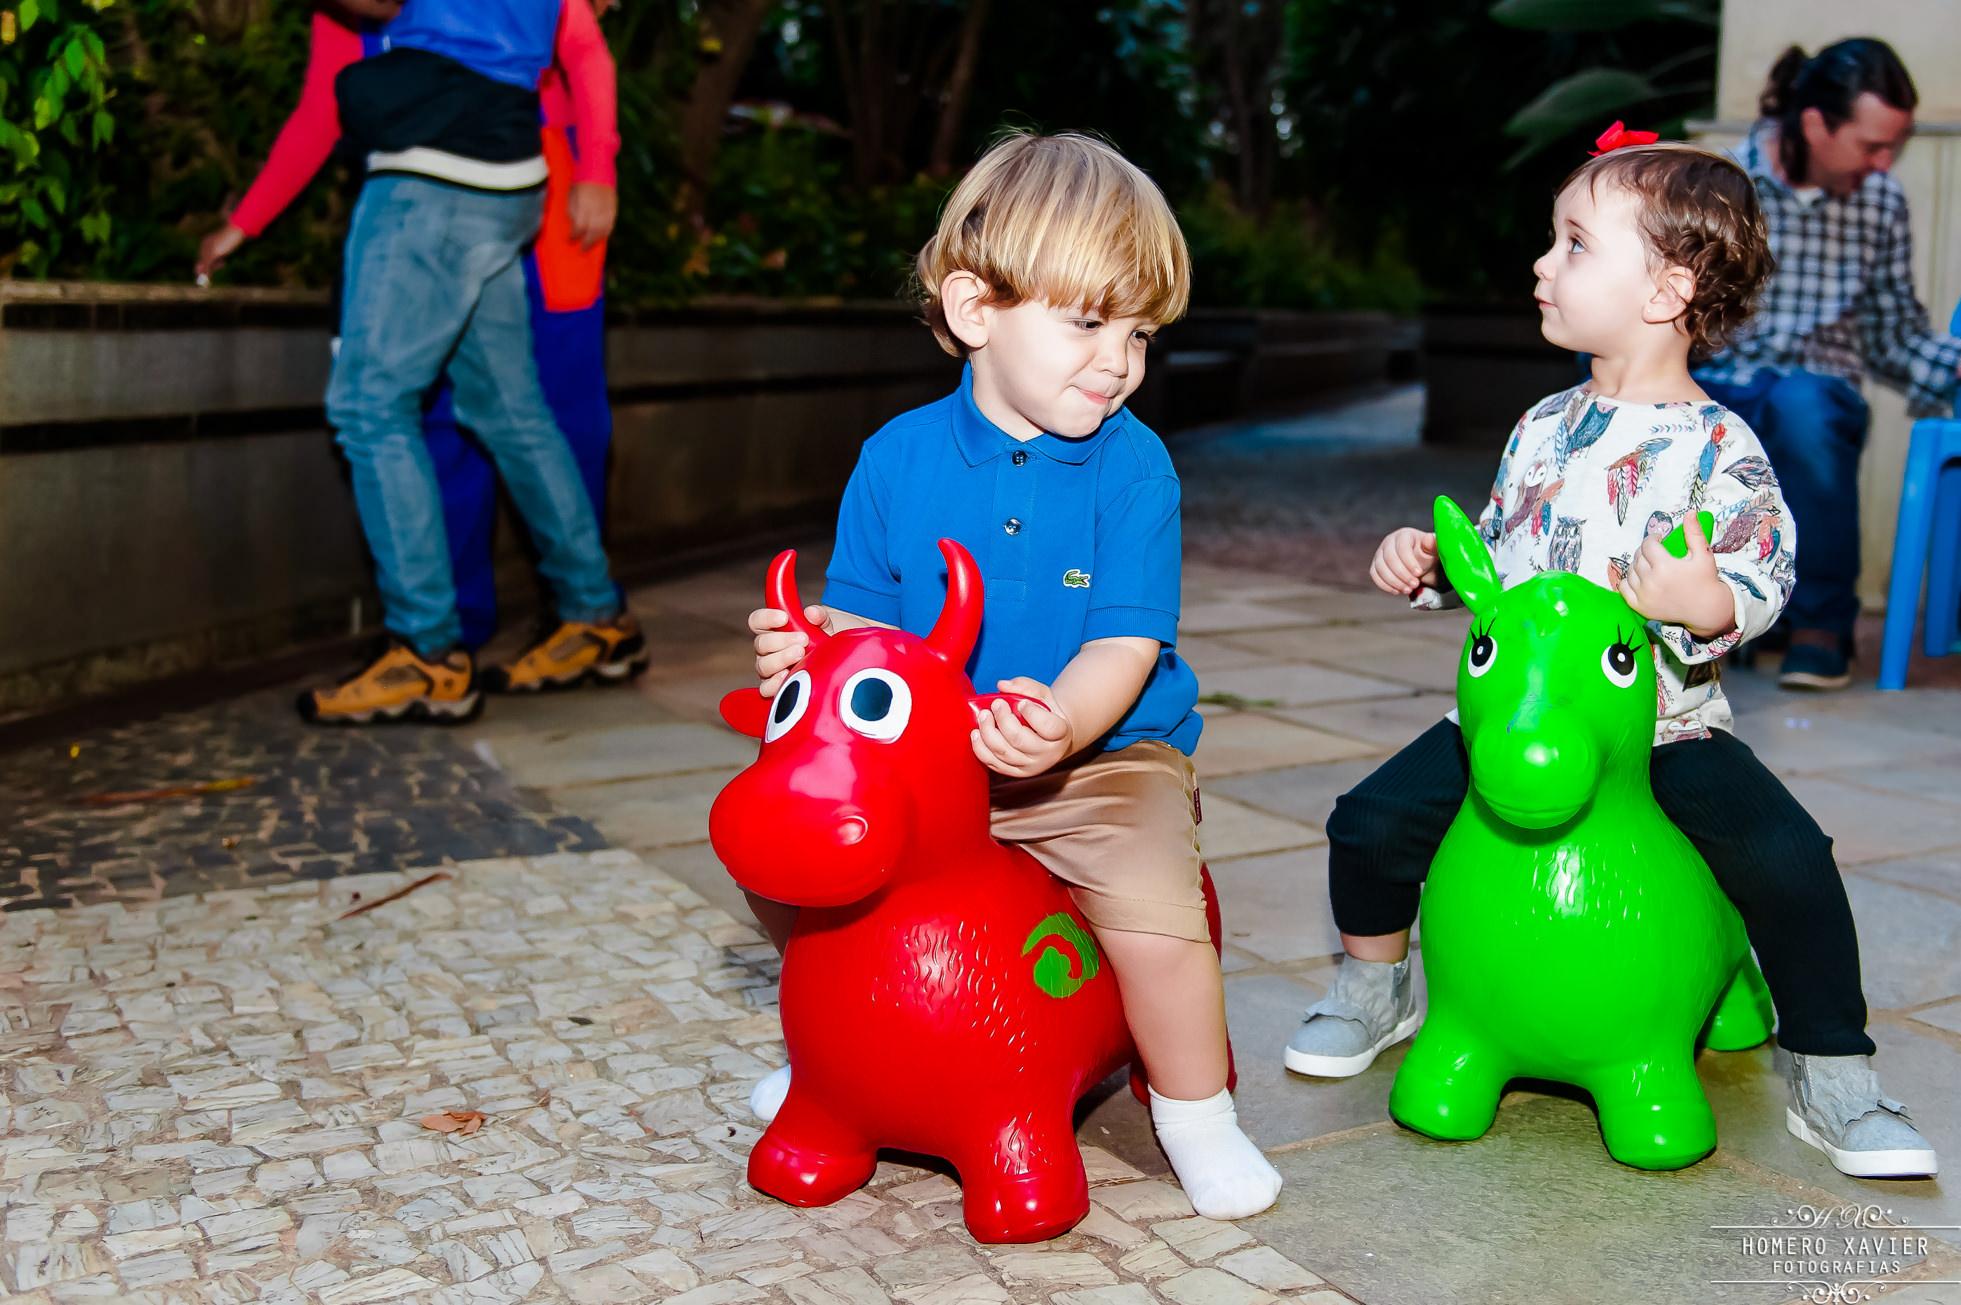 fotografia festa infantil Tema Mundo Bita em BH